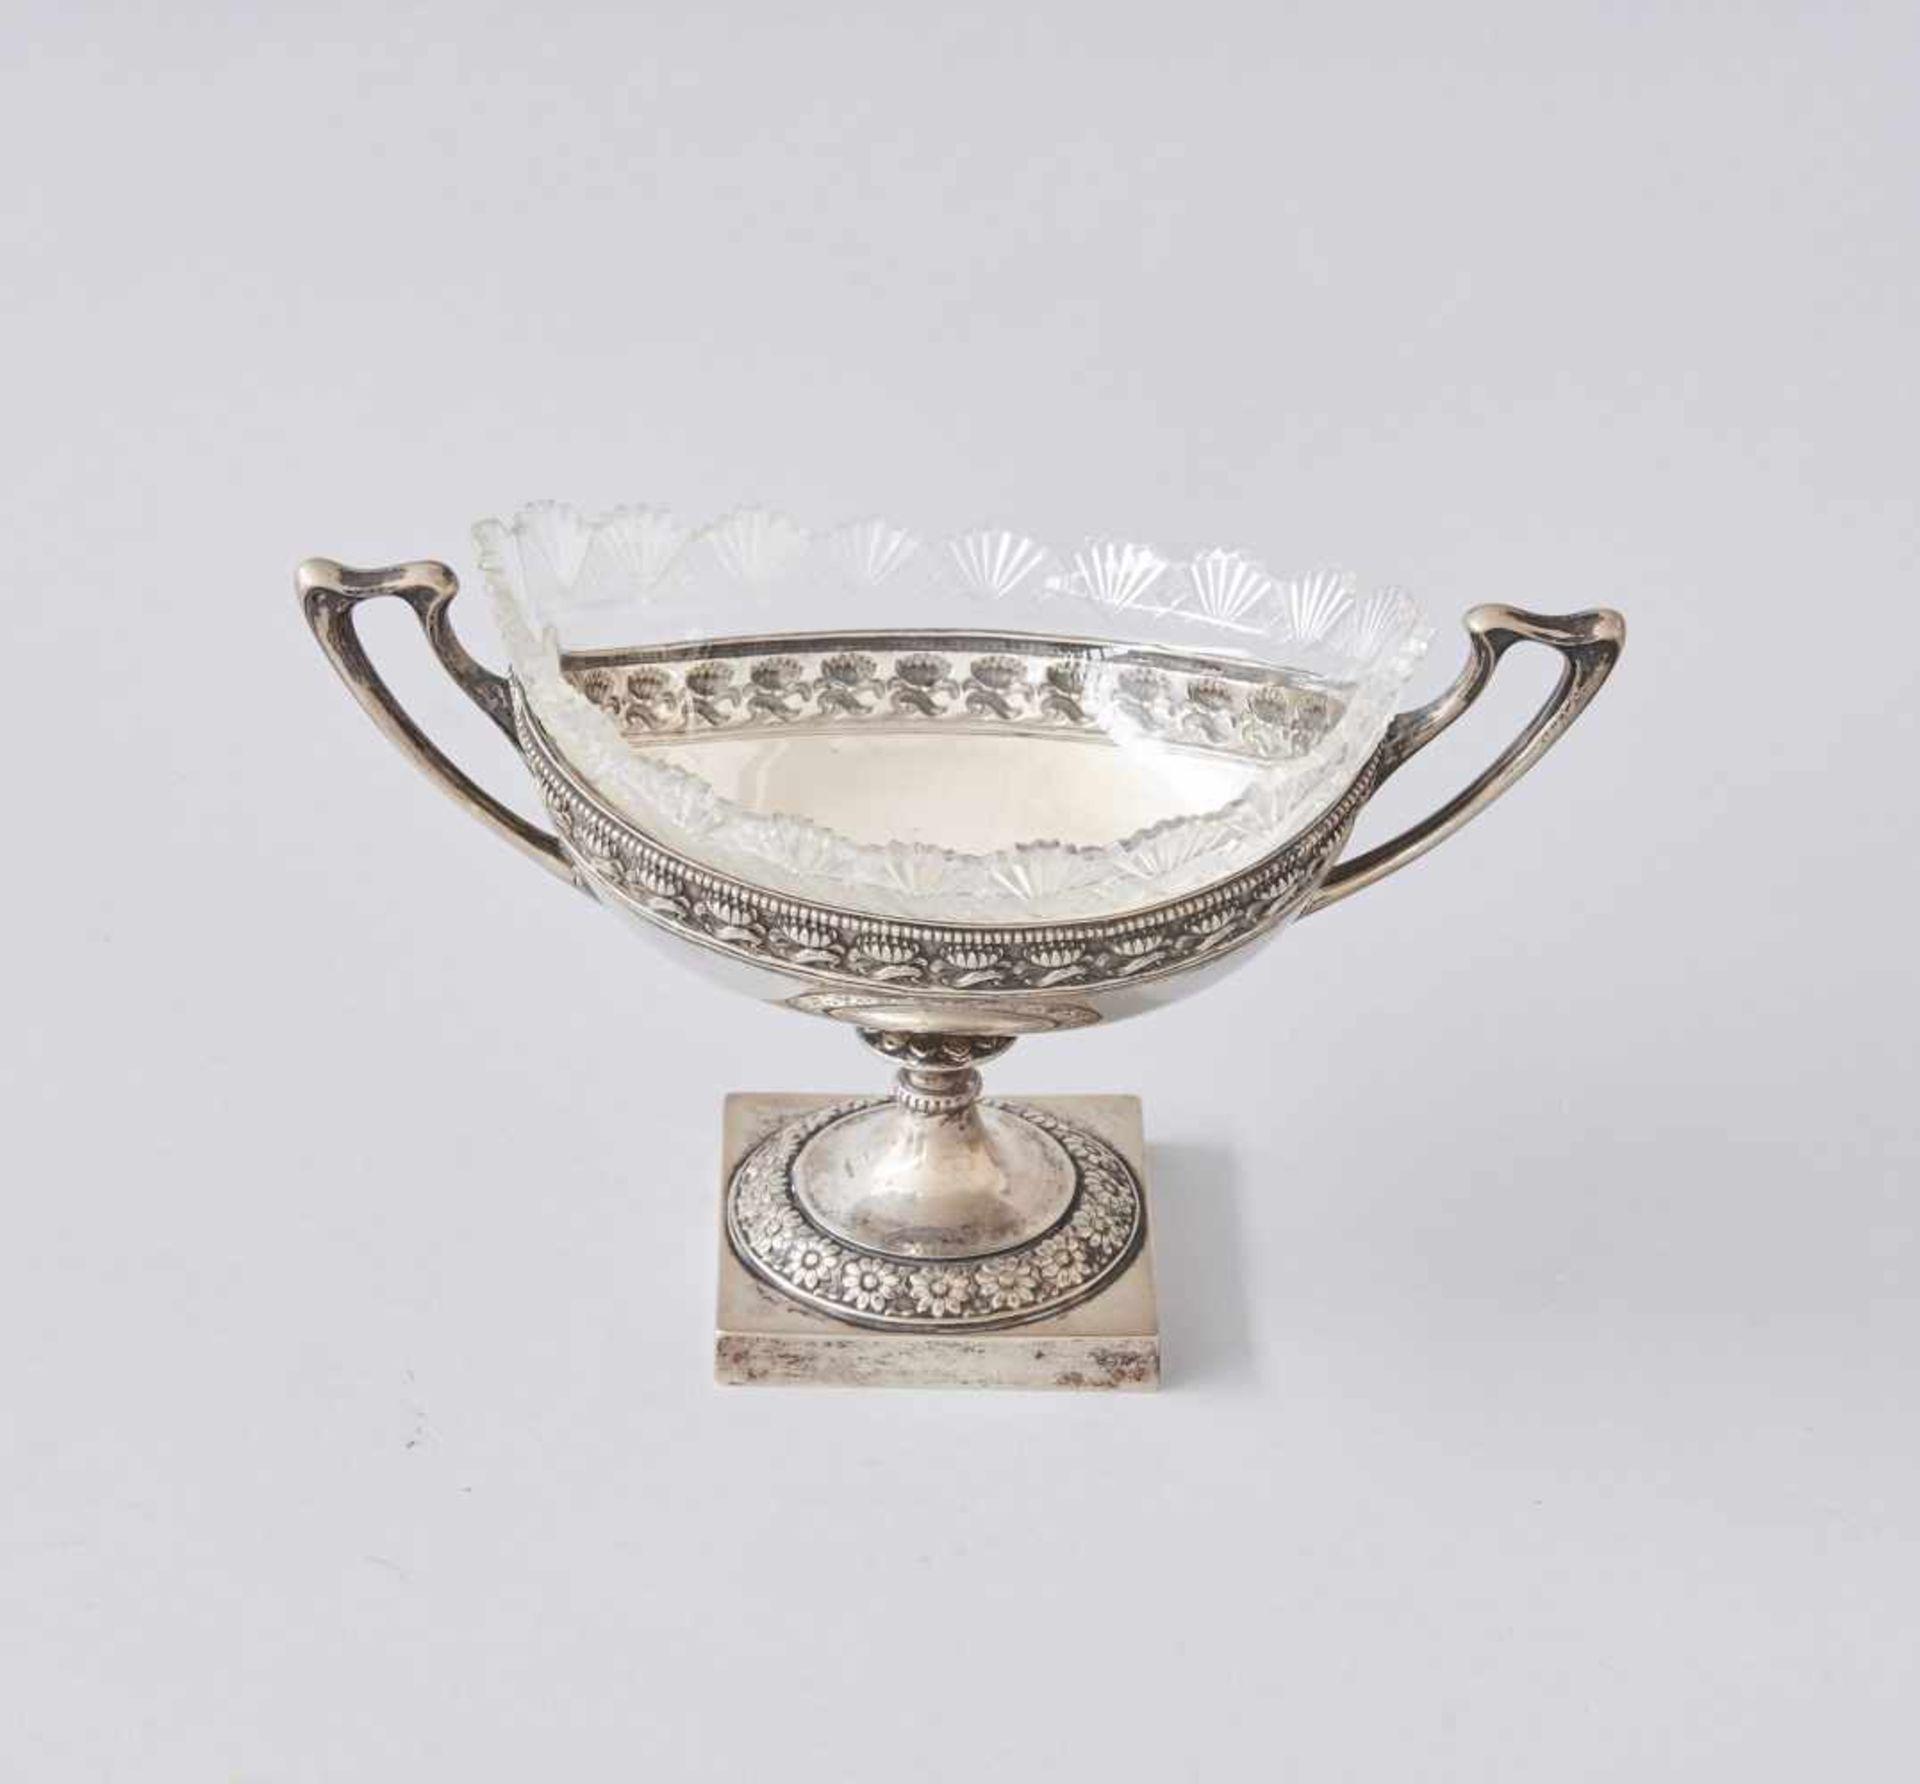 Los 71 - Jugendstil JardiniereMit Glaseinsatz, Silber 830 gestempelt.Gewicht ohne Glas 323 Gramm, Gewicht